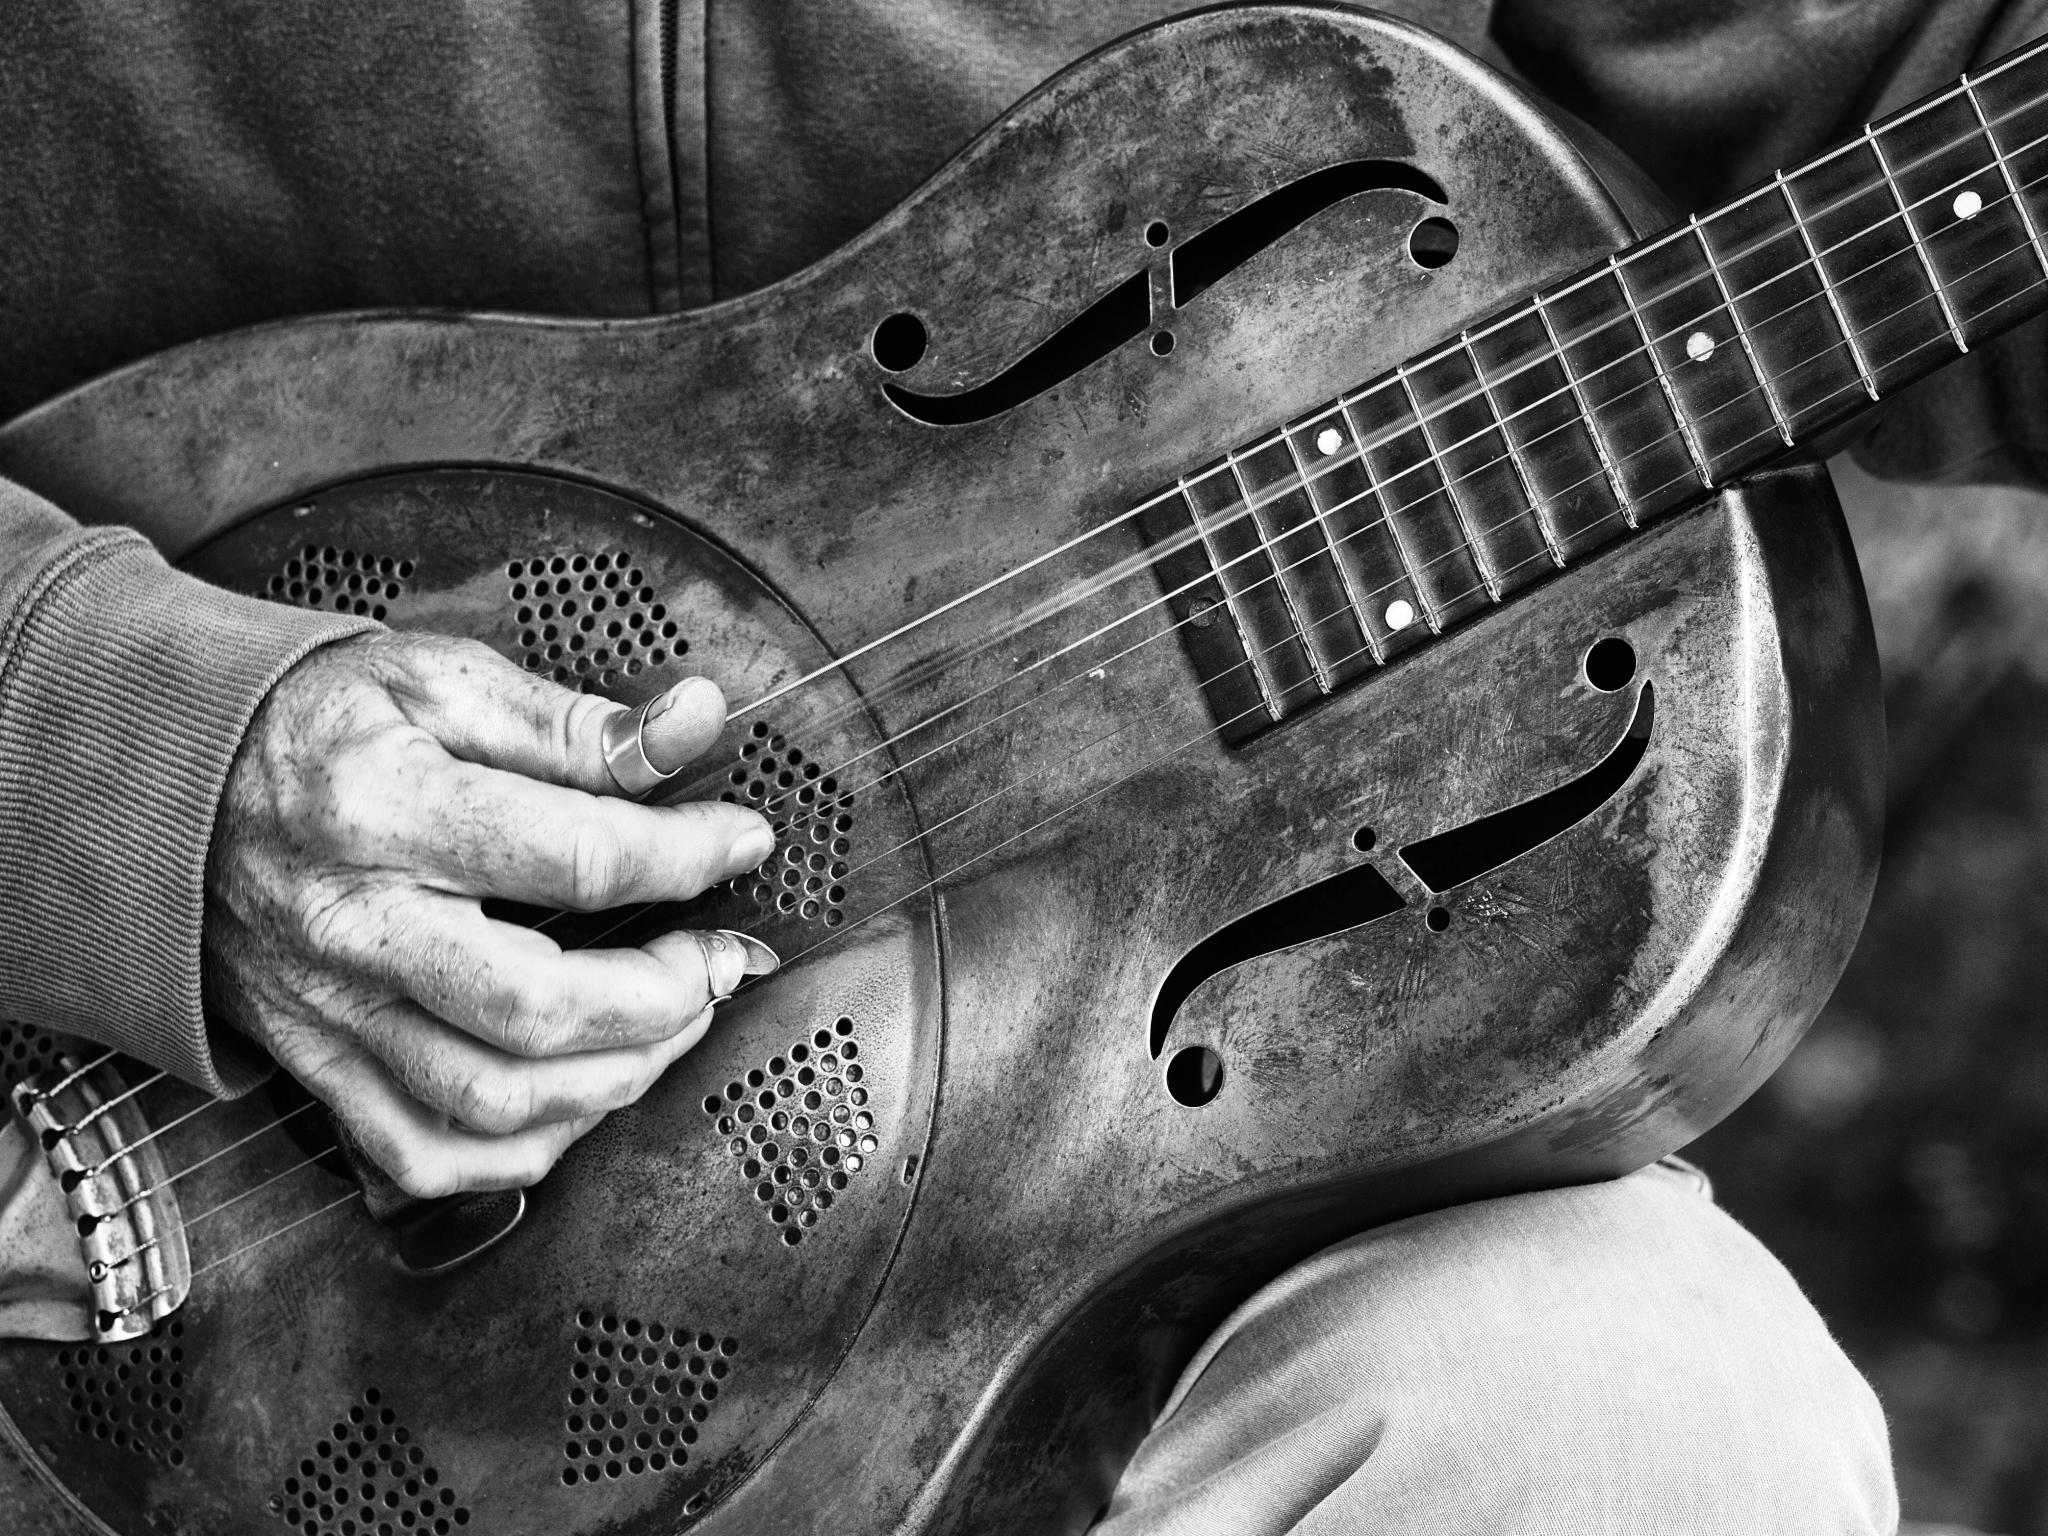 картинки с грустными гитаристами фото, фольксваген жук